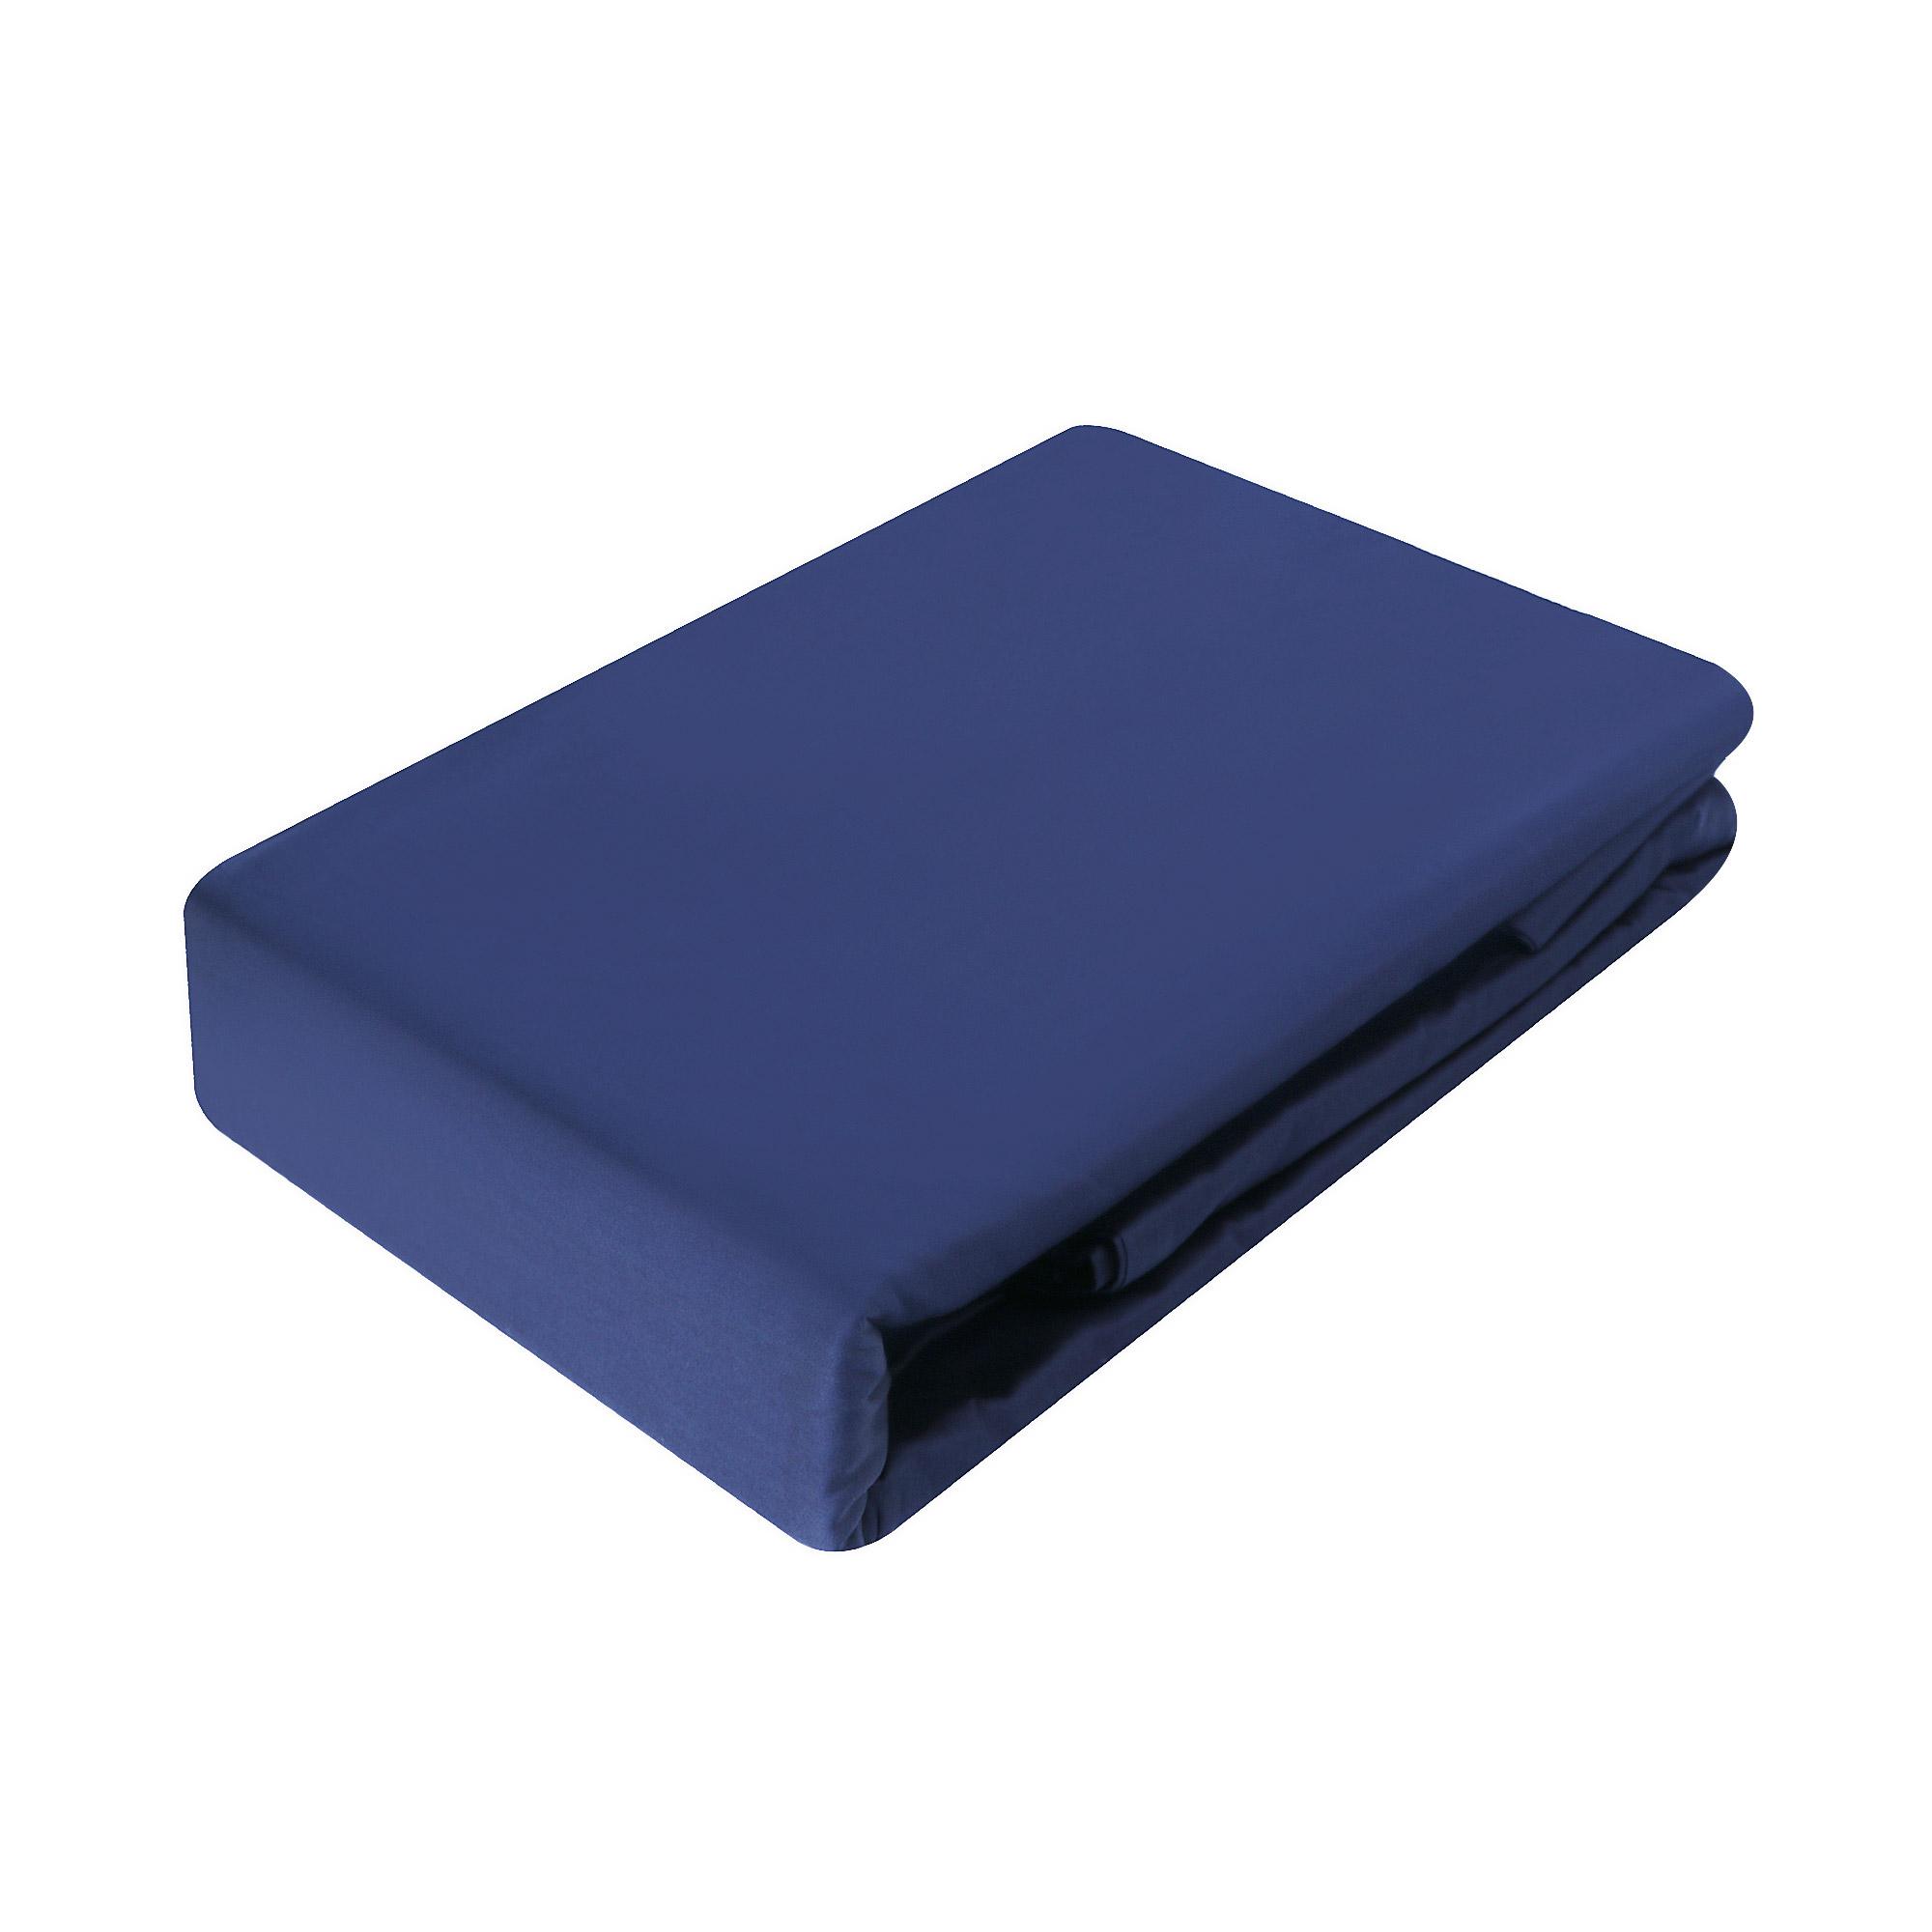 Постельный комплект Wonne traum elegance pastel deep ocean двуспальный синий